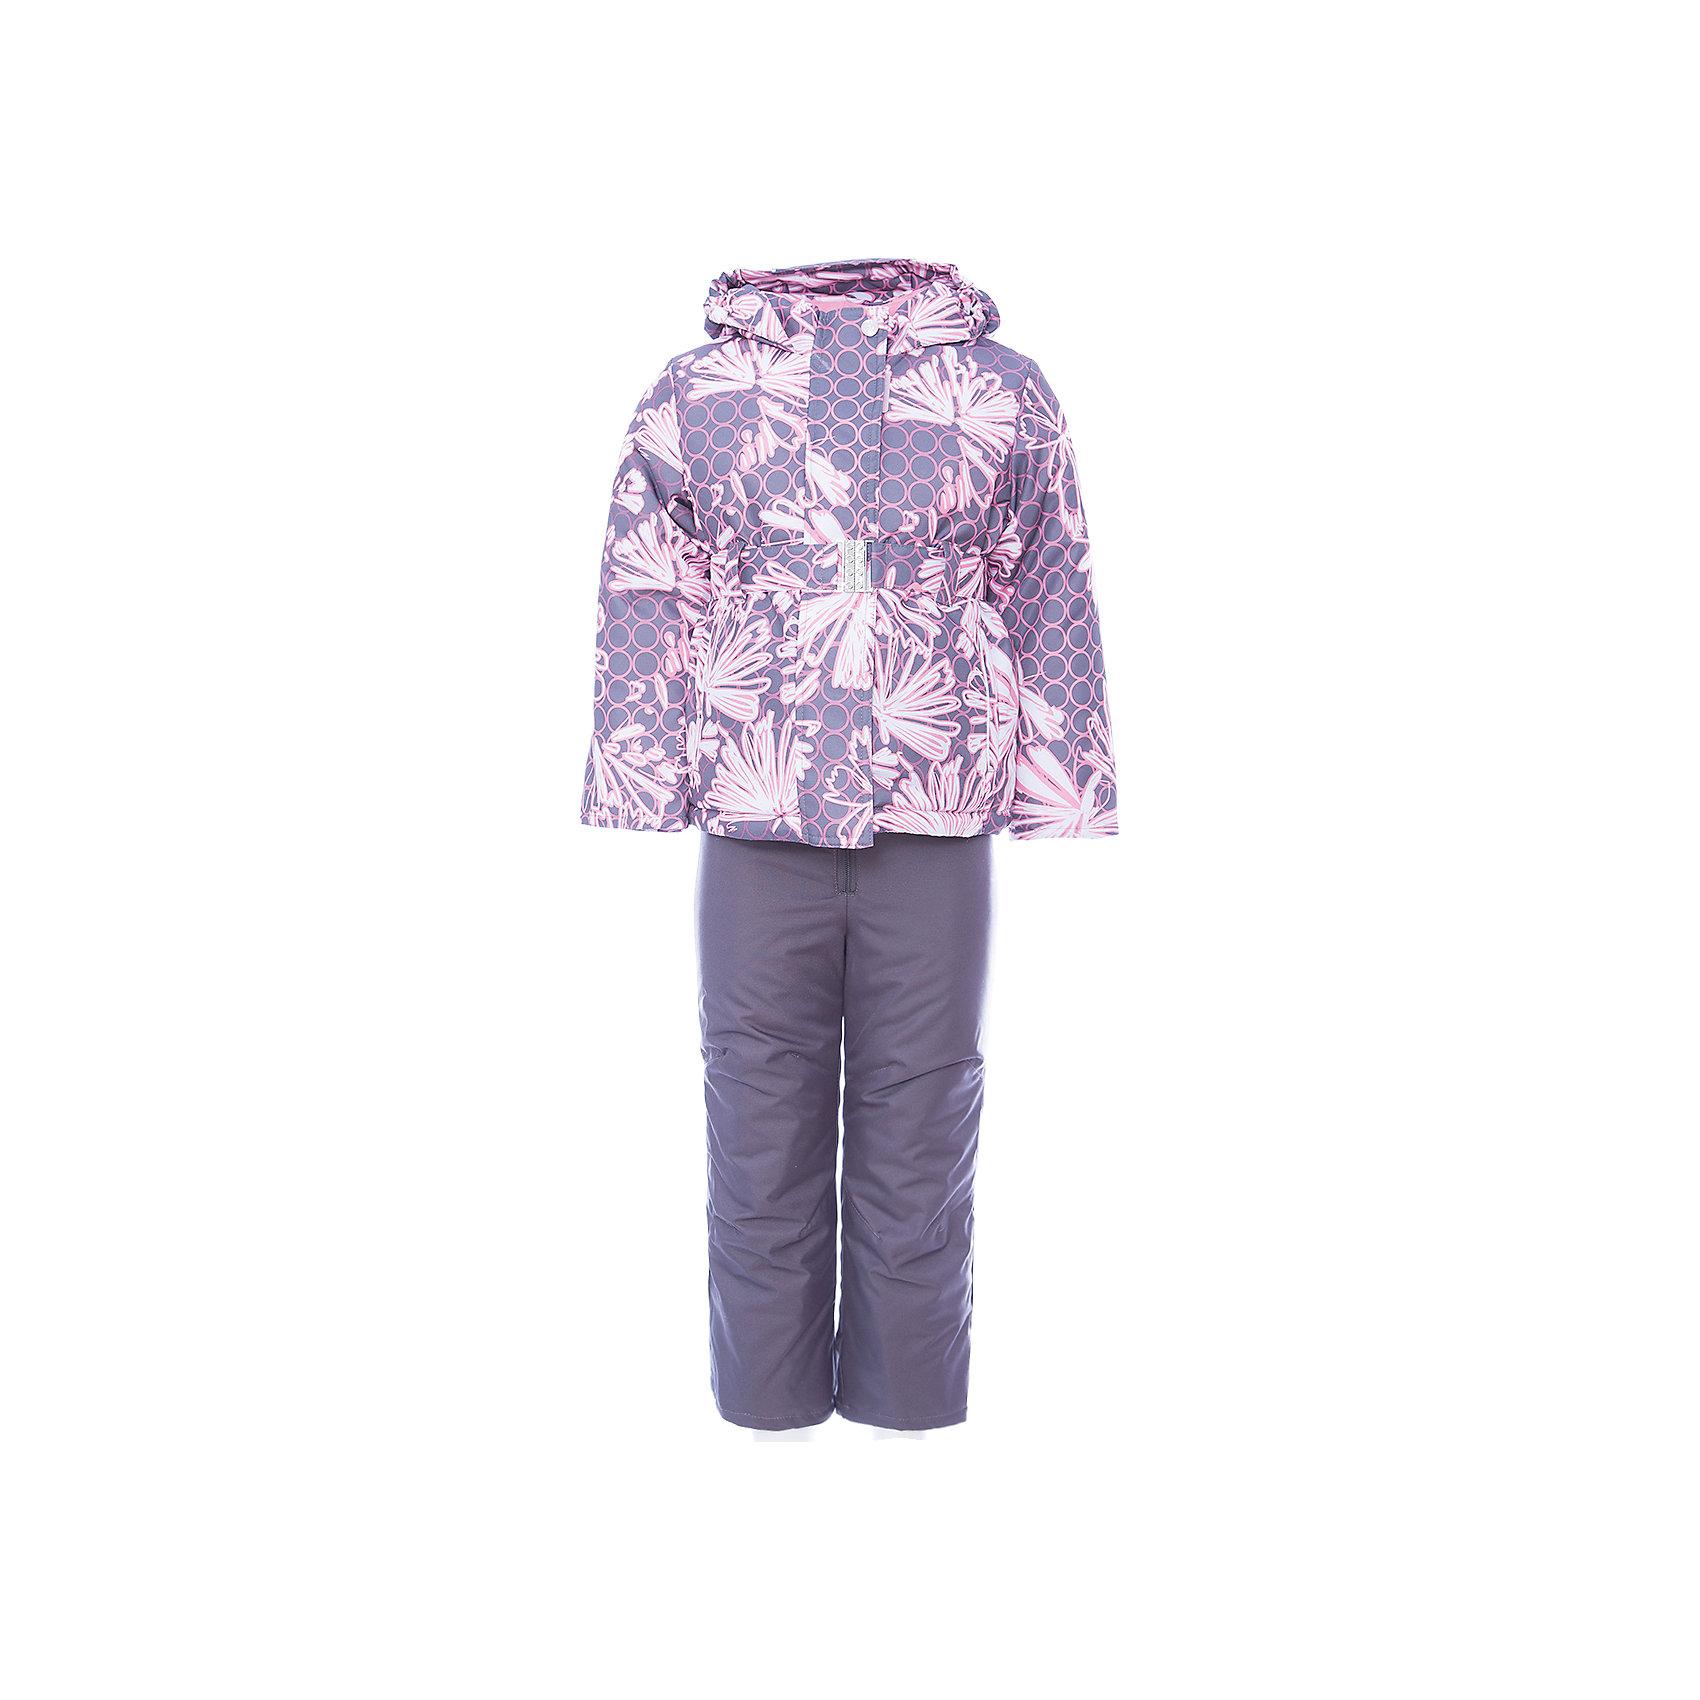 Комплект: куртка и полукомбинезон Альфа OLDOS для девочкиВерхняя одежда<br>Характеристики товара:<br><br>• цвет: розовый<br>• комплектация: куртка и полукомбинезон<br>• состав ткани: полиэстер<br>• подкладка: флис<br>• утеплитель: Hollofan <br>• сезон: зима<br>• мембранное покрытие<br>• температурный режим: от -30 до 0<br>• водонепроницаемость: 3000 мм <br>• паропроницаемость: 3000 г/м2<br>• плотность утеплителя: куртка - 300 г/м2, полукомбинезон - 150 г/м2<br>• застежка: молния<br>• капюшон: без меха, несъемный<br>• страна бренда: Россия<br>• страна изготовитель: Россия<br><br>Стильный зимний комплект от бренда Oldos разработан специально для детей. Мембранное покрытие такого детского комплекта - это защита от воды и грязи, износостойкость, за ним легко ухаживать. Такой мембранный комплект для девочки дополнен удобными элементами: воротник-стойка с флисовой вставкой, двойная ветрозащитная планка с защитой подбородка. <br><br>Комплект: куртка и полукомбинезон Альфа Oldos (Олдос) для девочки можно купить в нашем интернет-магазине.<br><br>Ширина мм: 356<br>Глубина мм: 10<br>Высота мм: 245<br>Вес г: 519<br>Цвет: розовый<br>Возраст от месяцев: 96<br>Возраст до месяцев: 108<br>Пол: Женский<br>Возраст: Детский<br>Размер: 134,92,98,104,110,116,122,128<br>SKU: 7016344